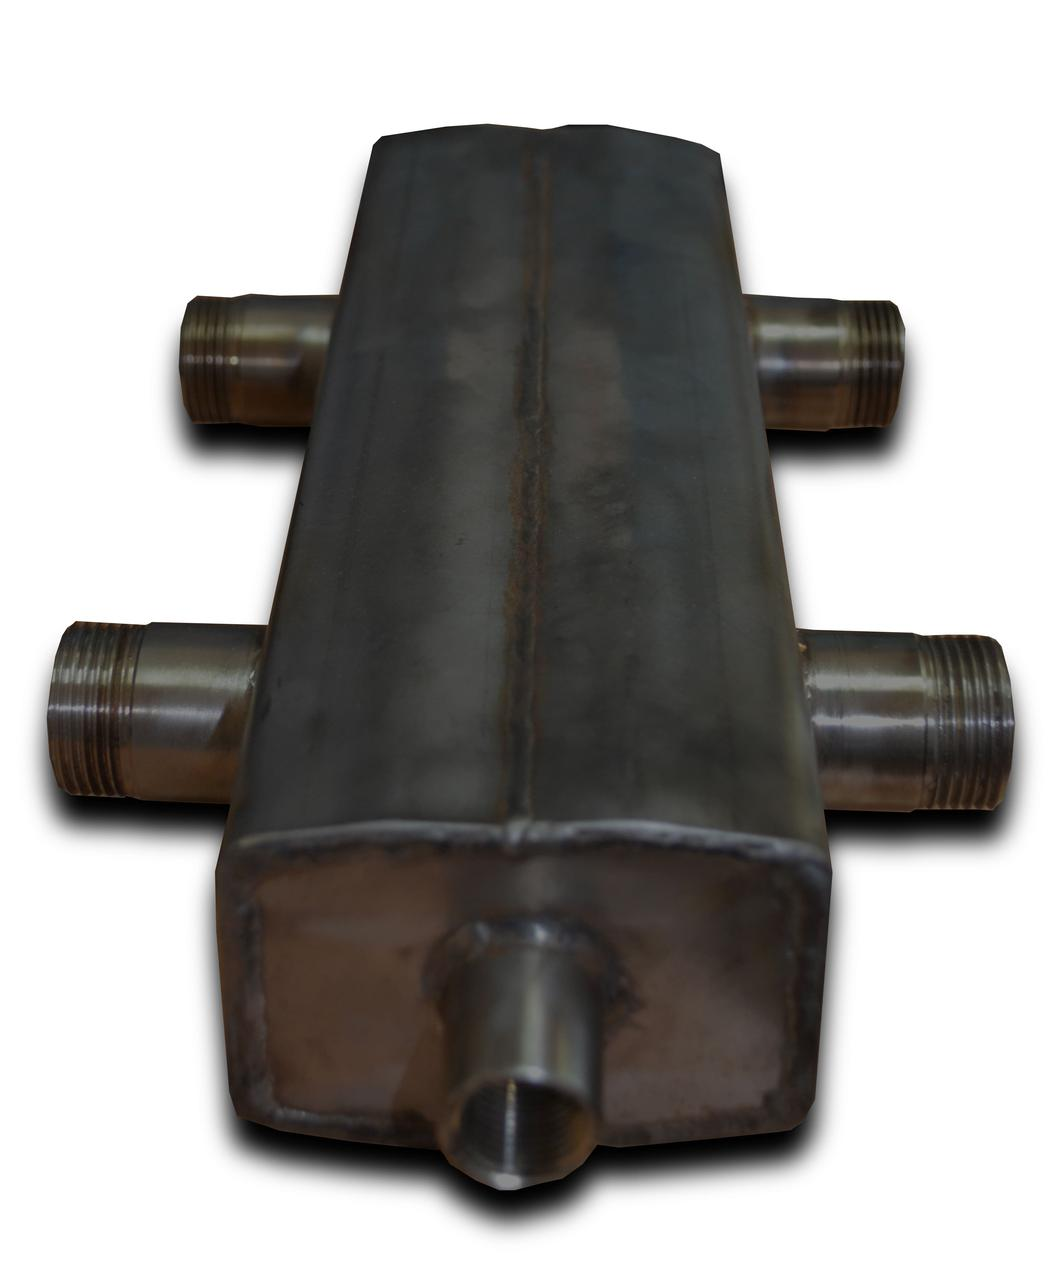 Гидрострелка (гидравлический разделитель) ГС-100 (квадрат) черная сталь